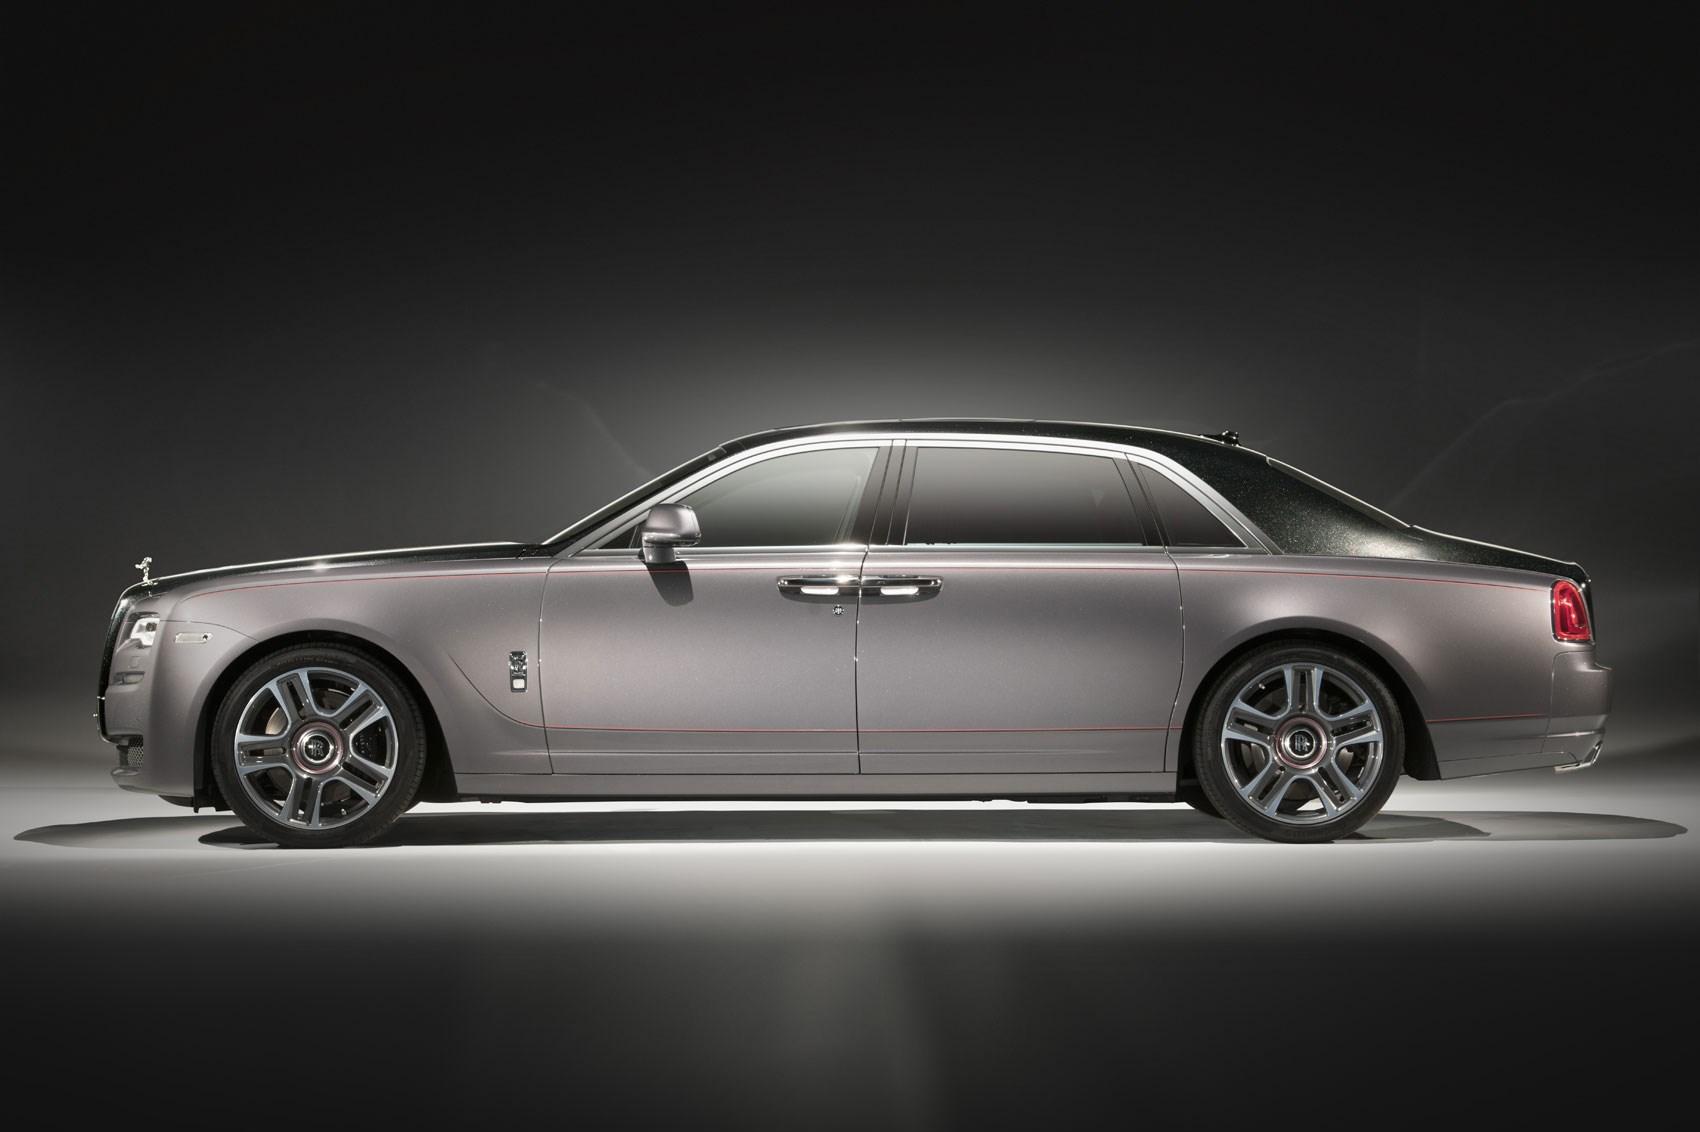 More Diamonds Sir Rolls Royce Displays Ultimate Bespoke